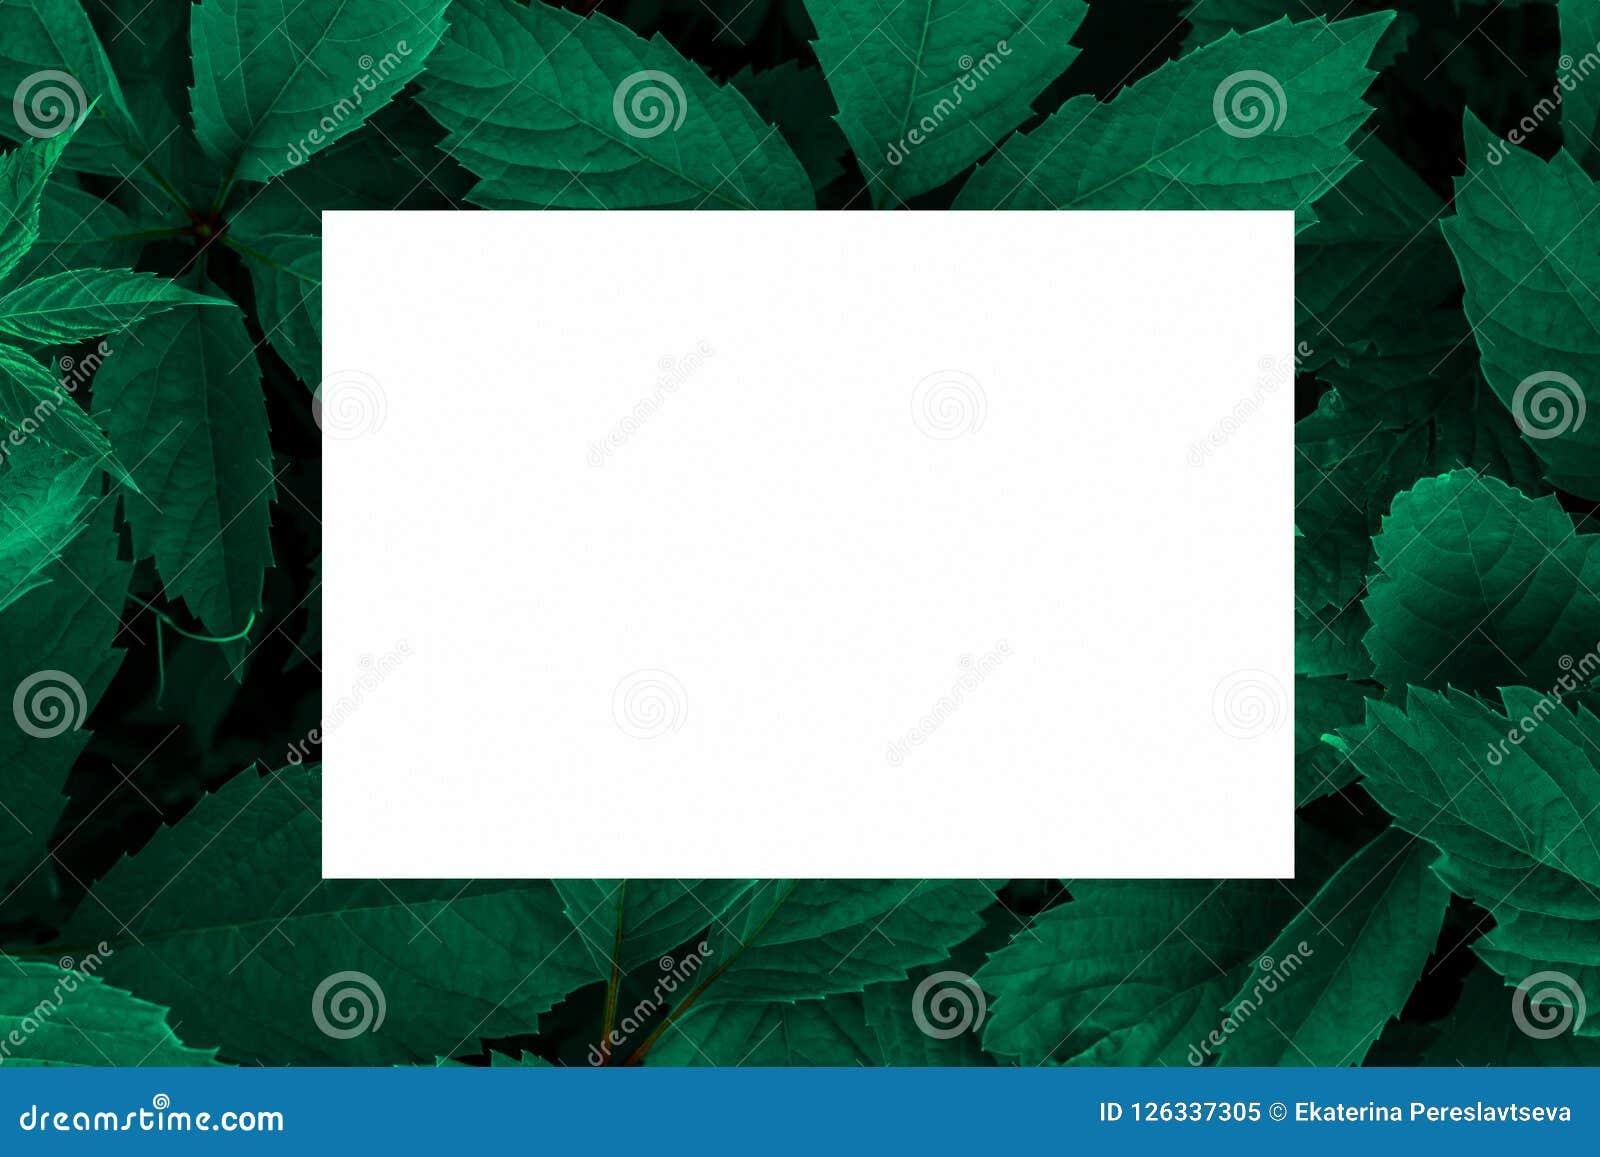 Зеленый цвет выходит как фон и белый лист бумаги для ярлыка